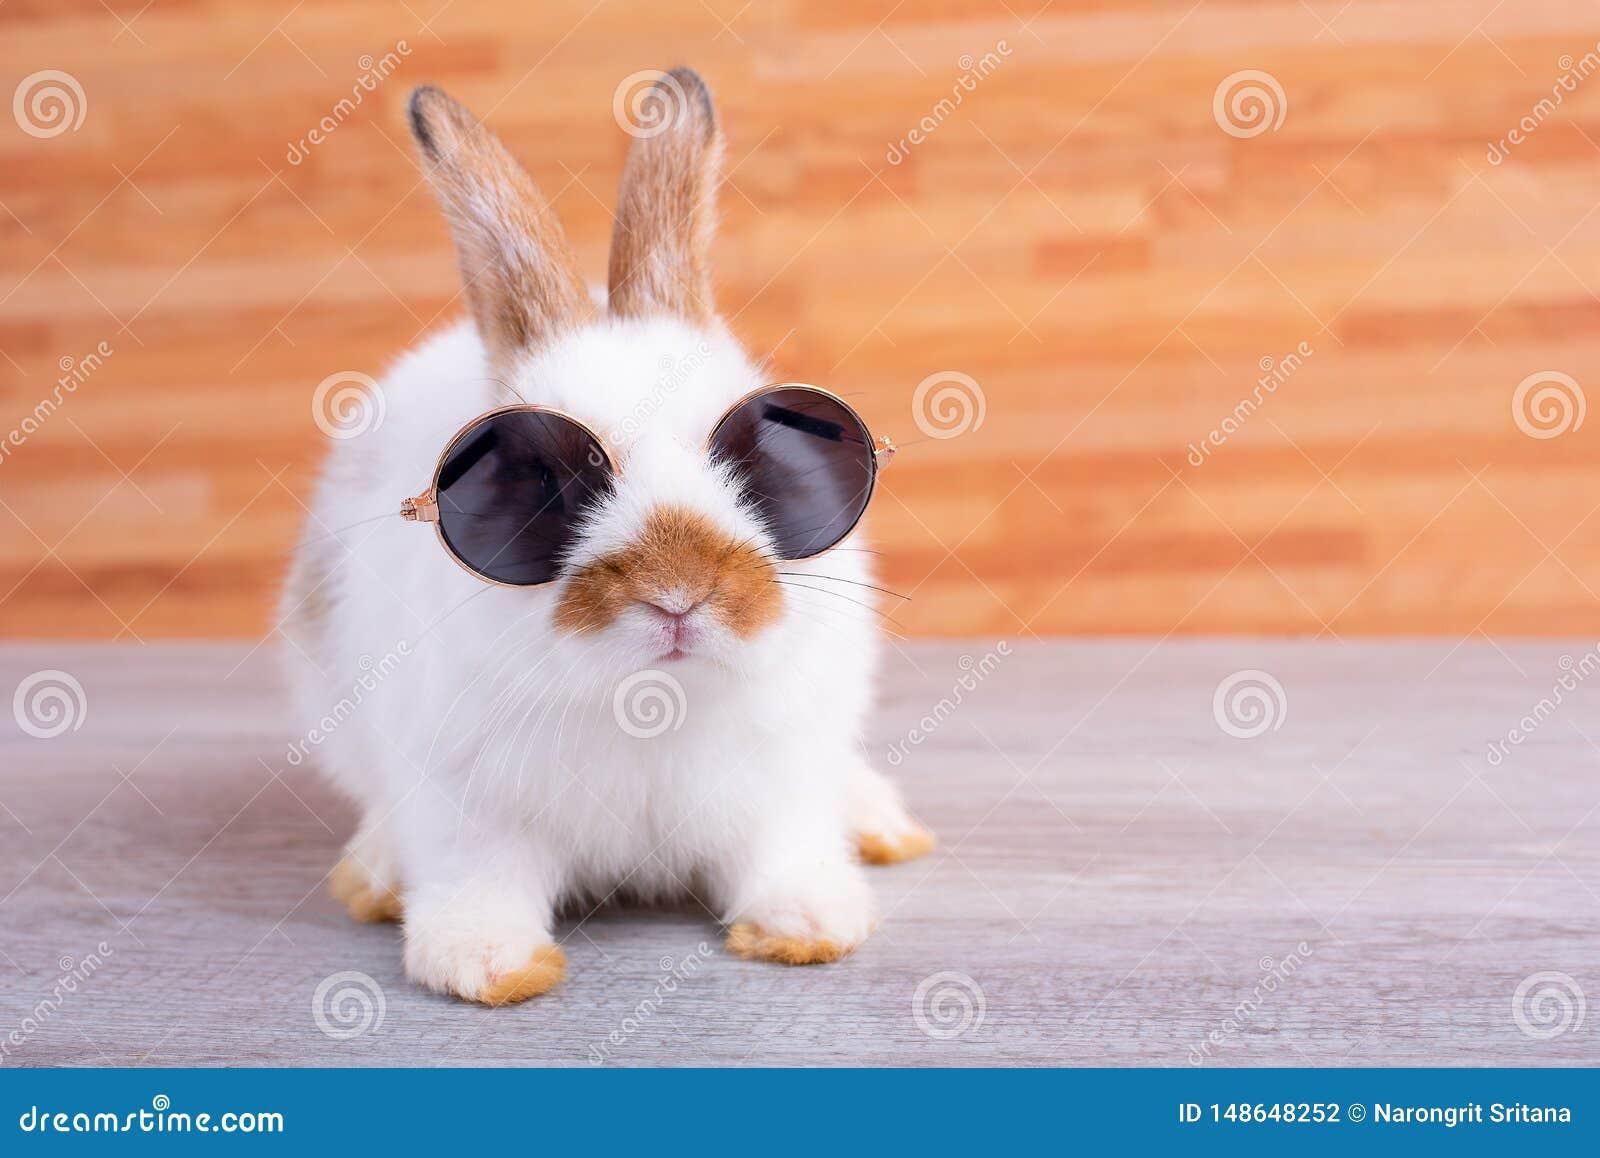 Маленький прелестный кролик зайчика со стеклами солнца остается на серой таблице с коричневой деревянной картиной как предпосылка